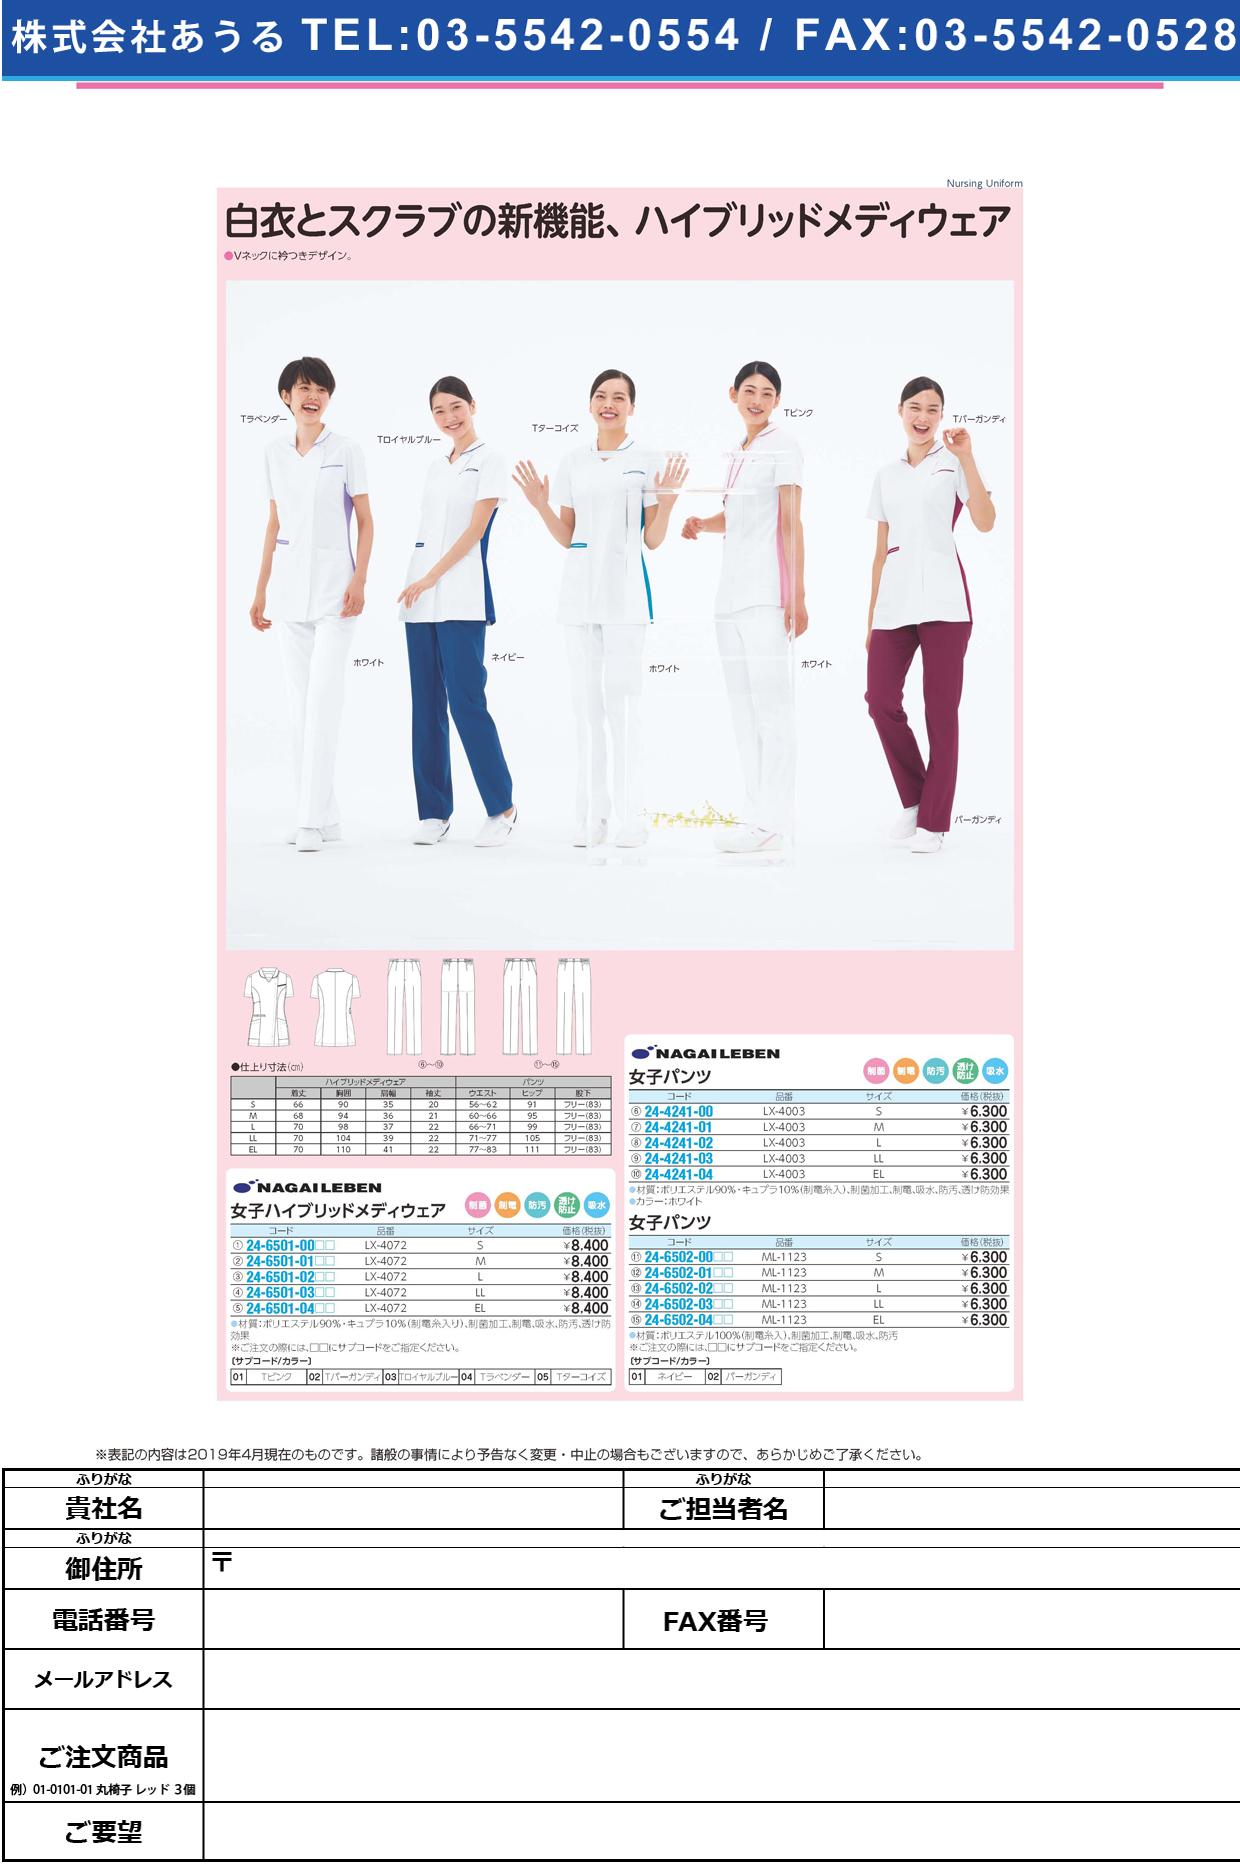 (24-6502-02)女子パンツ ML-1123(L) ジョシパンツ ネイビー(ナガイレーベン)【1枚単位】【2019年カタログ商品】